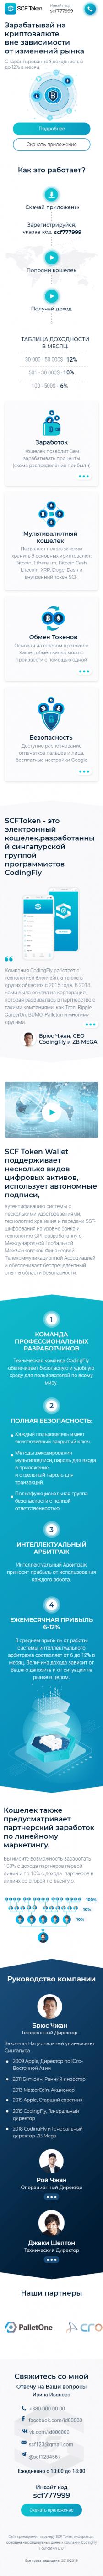 Дизайн лендинга SCF Token (Криптовалюты) Mobile